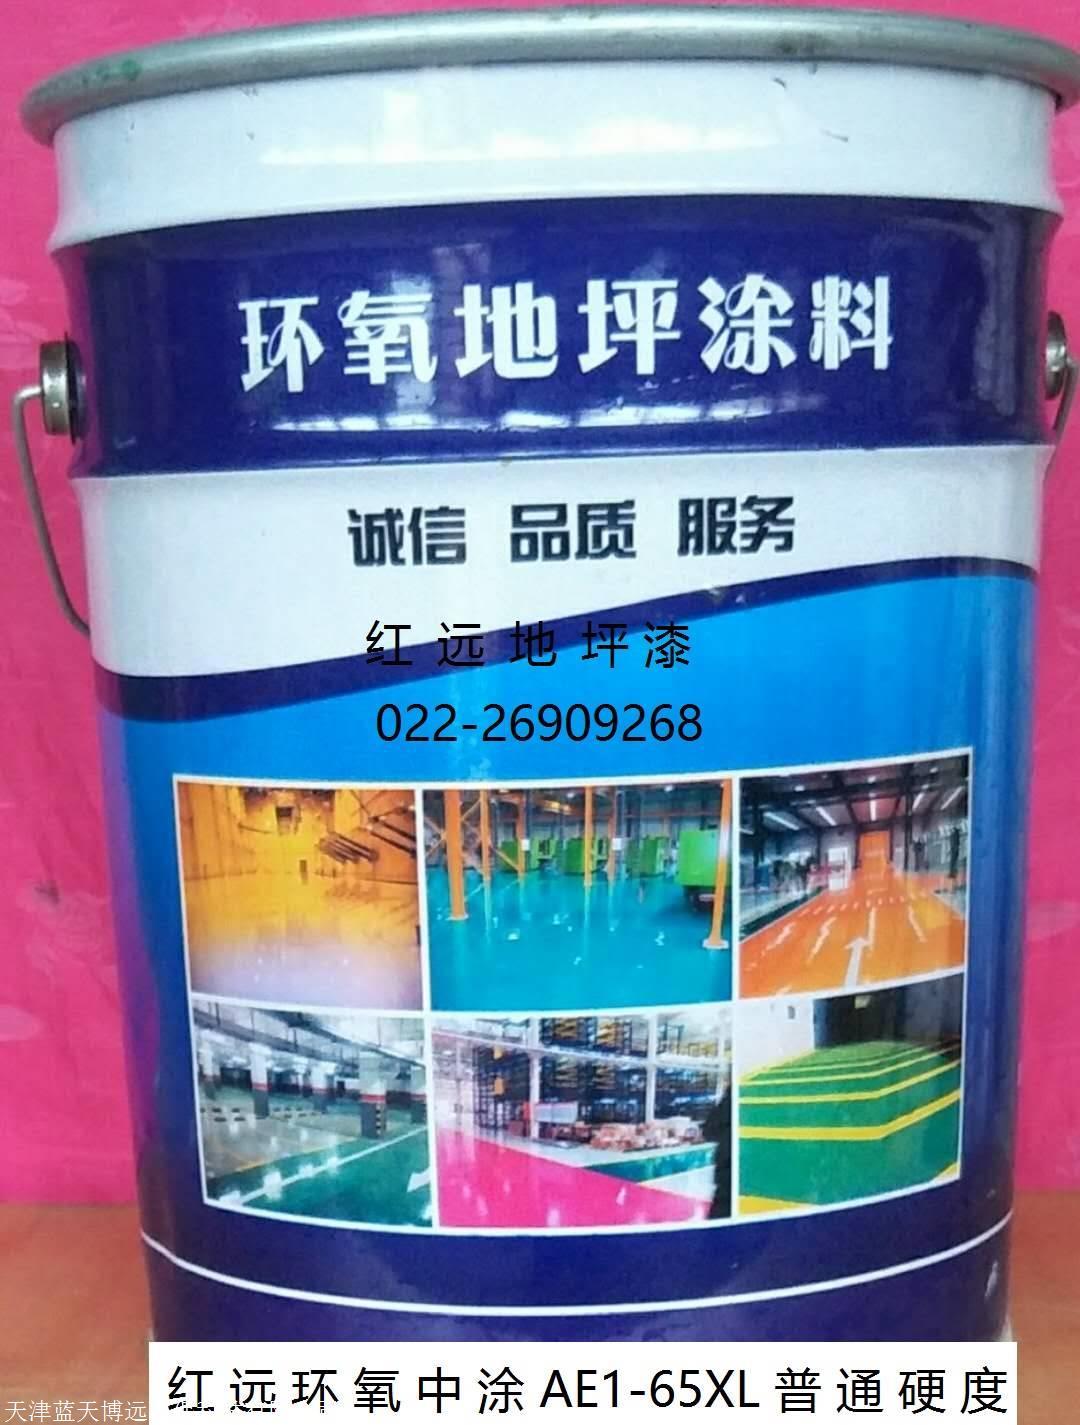 藁城市地坪漆销售公司环氧地坪公司施工环氧自流平报价红远质量